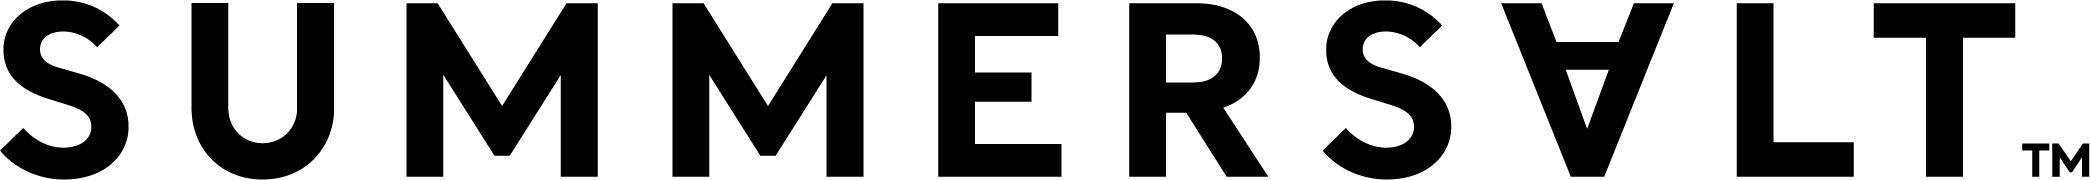 Summersalt logo.png